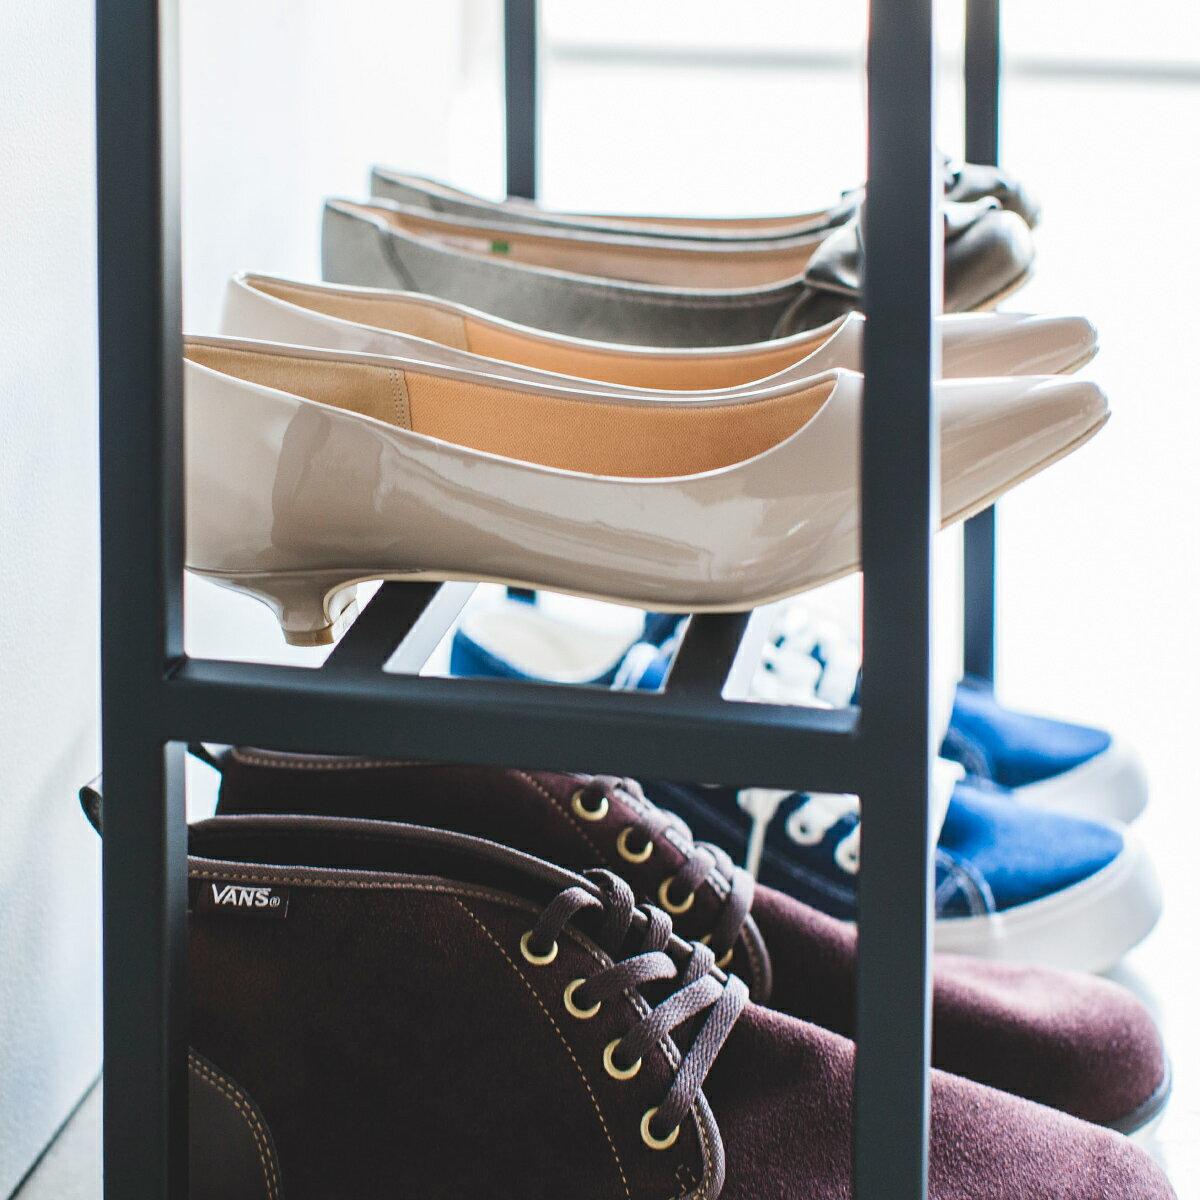 日本Tower  /  居家生活  /  玄關簡約鞋靴收納架 鞋架  /  roomy-ymz19jan24h29  /  日本必買 日本樂天直送(7294) /  件件含運 6